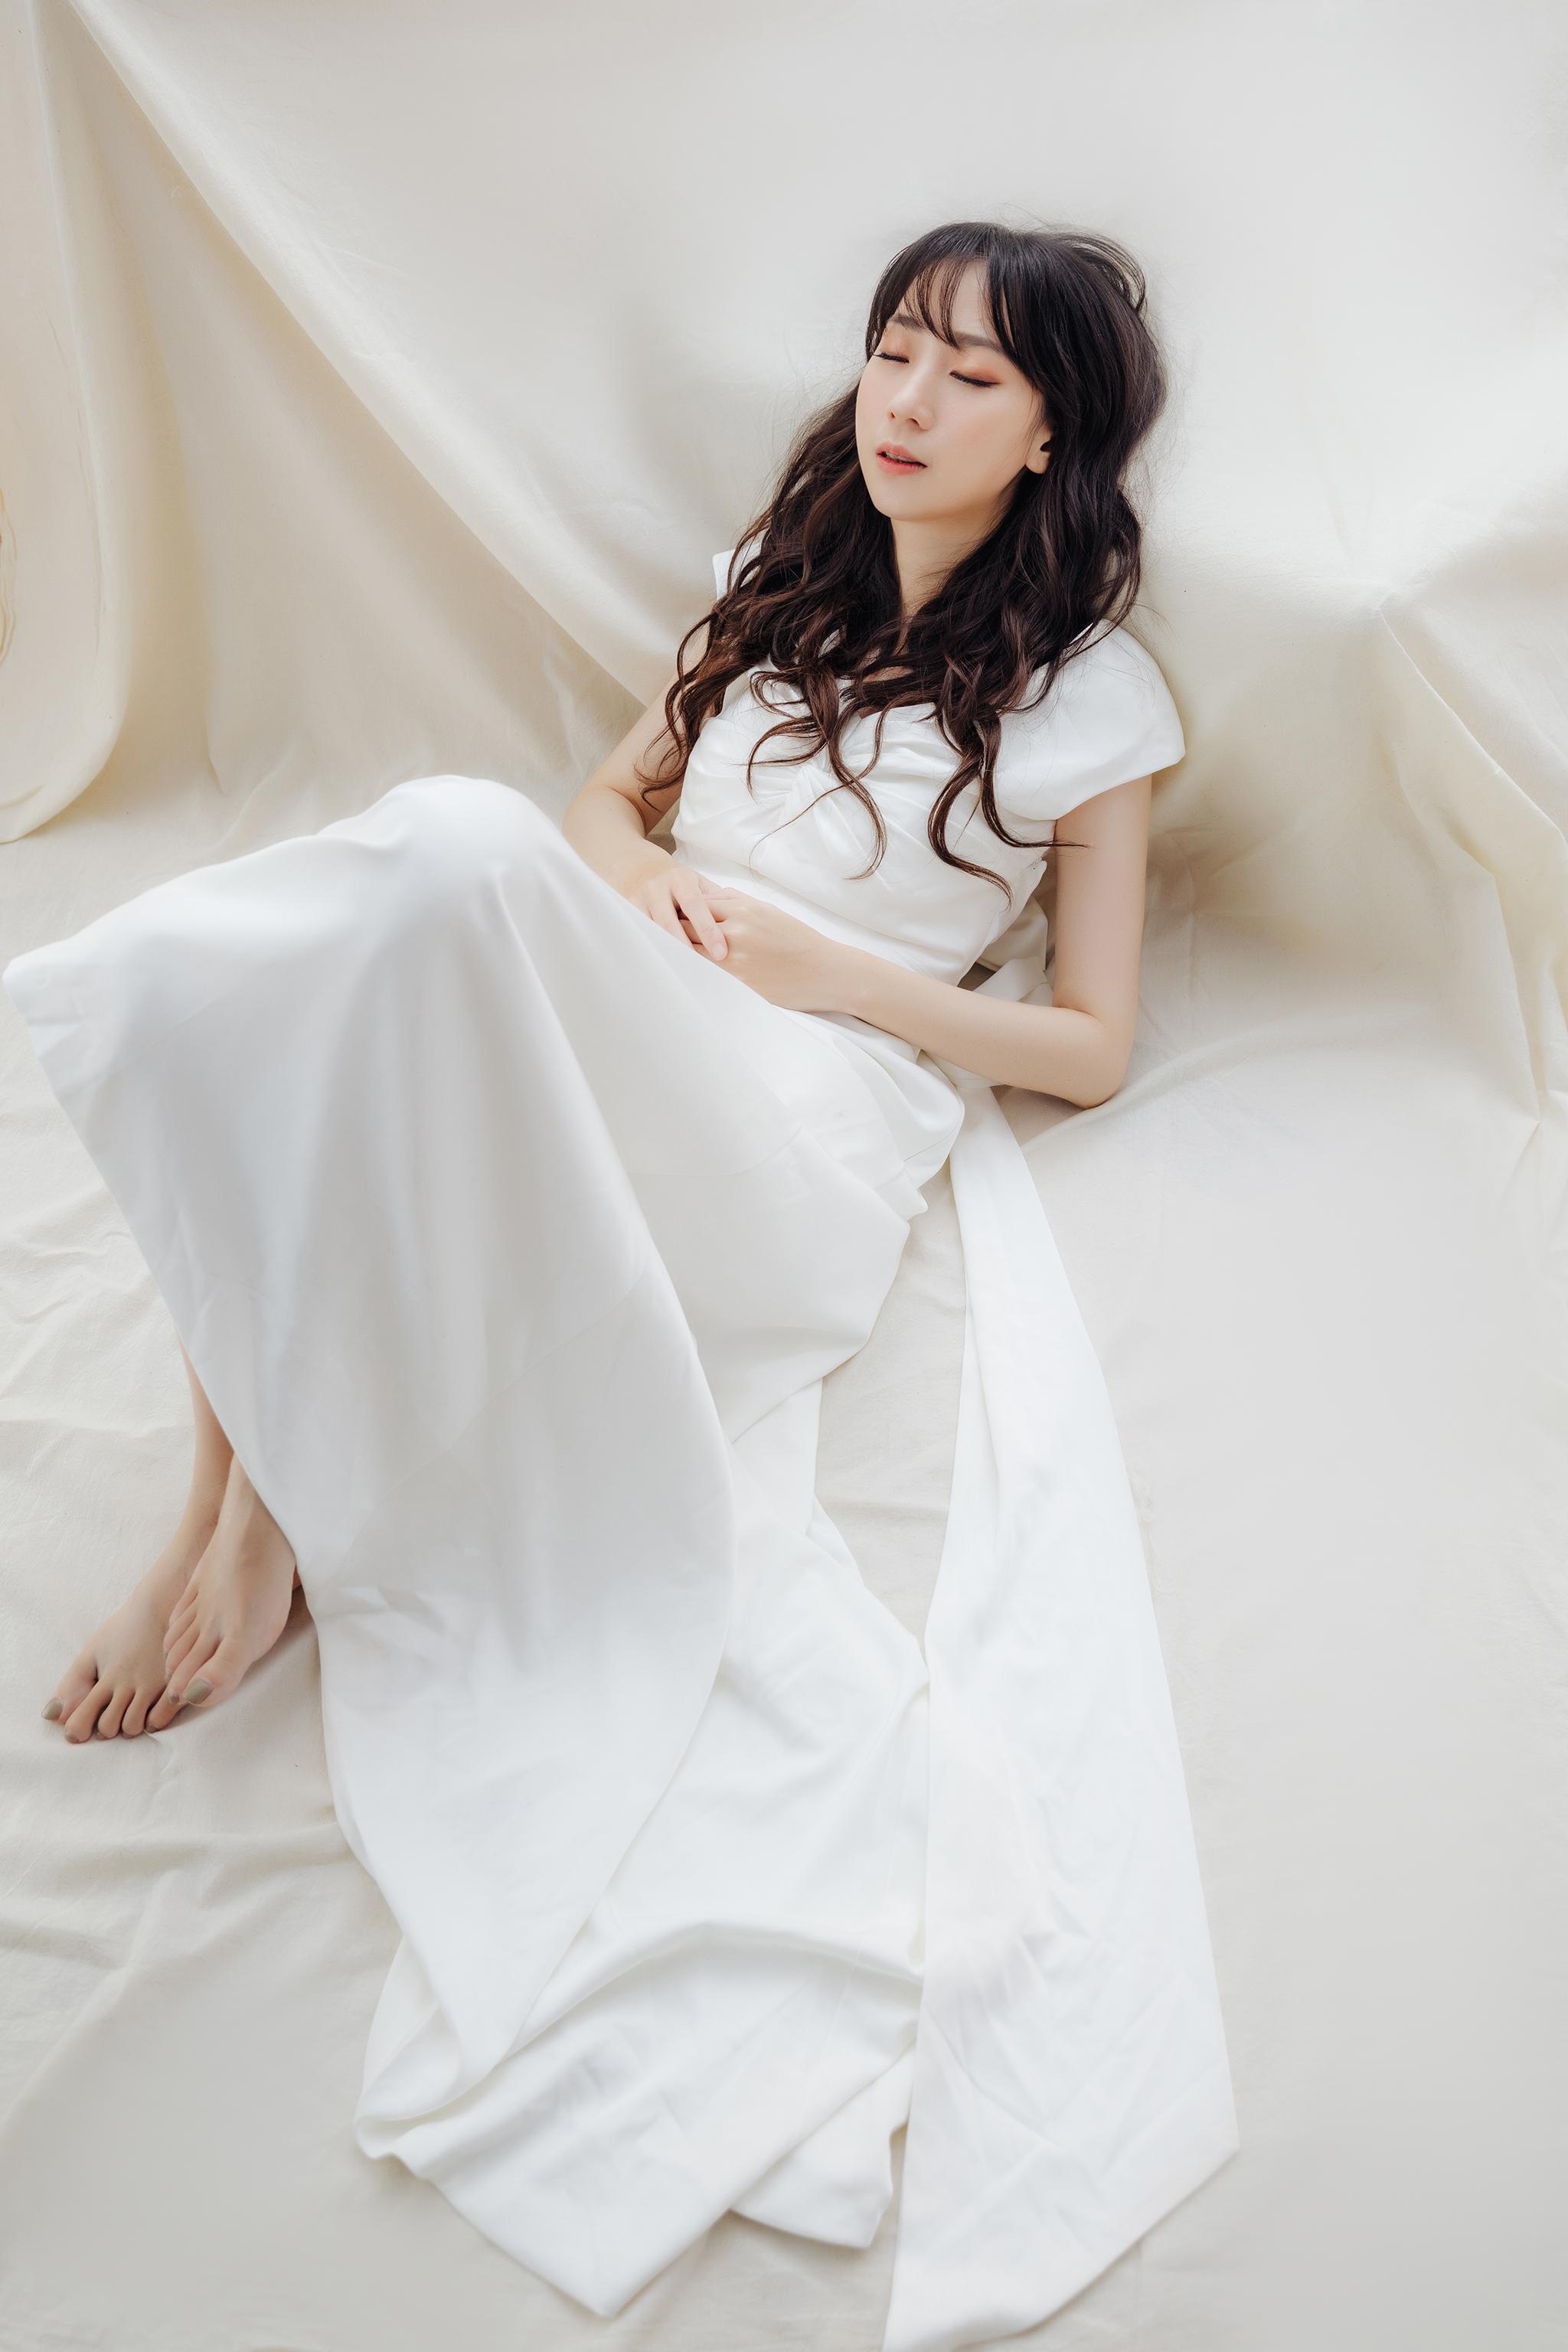 50659285308 ca4263dbee o - 【自主婚紗】+Melody+